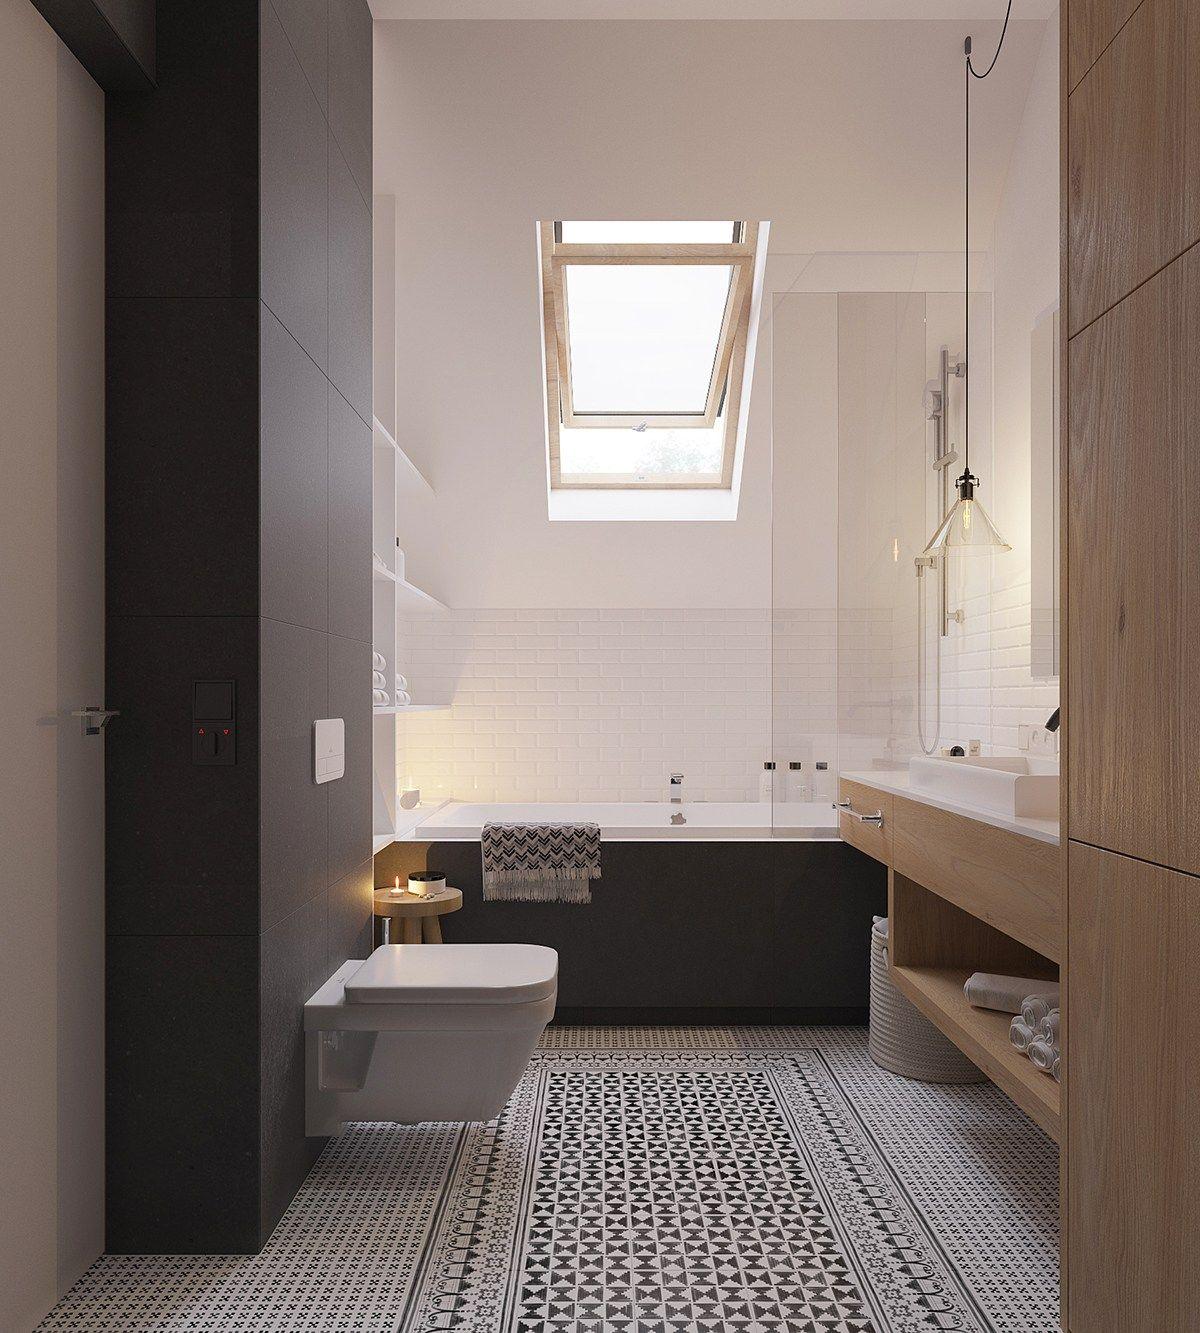 originale appartamento stile scandinavo moderno. design unico ed ... - Bagni Con Mosaico Moderni